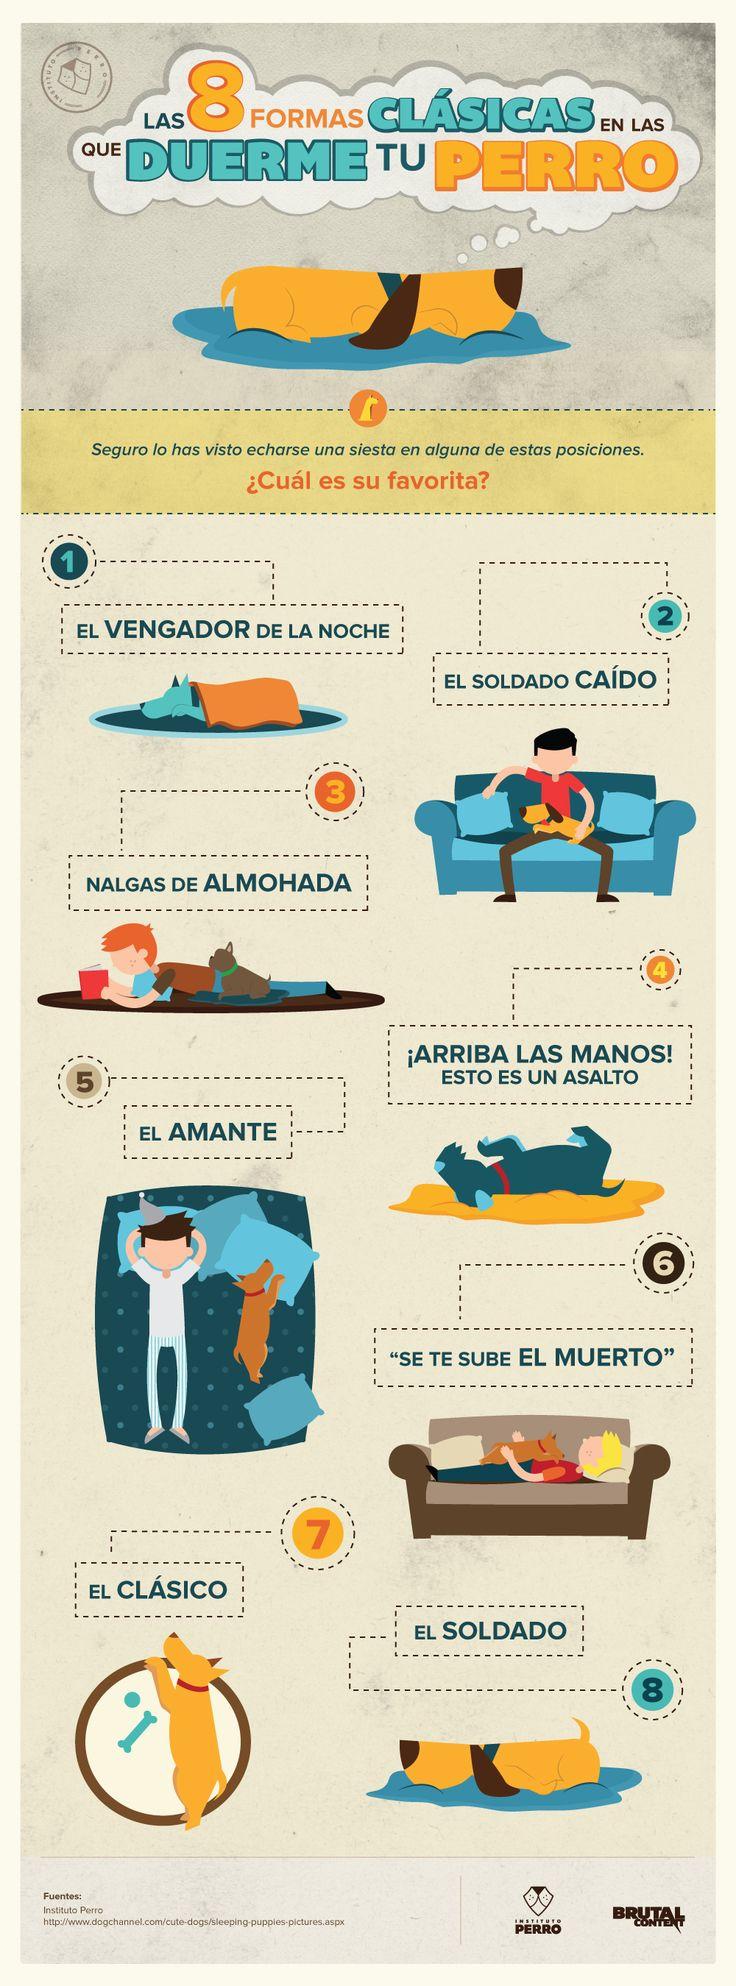 Tu perro durmiendo